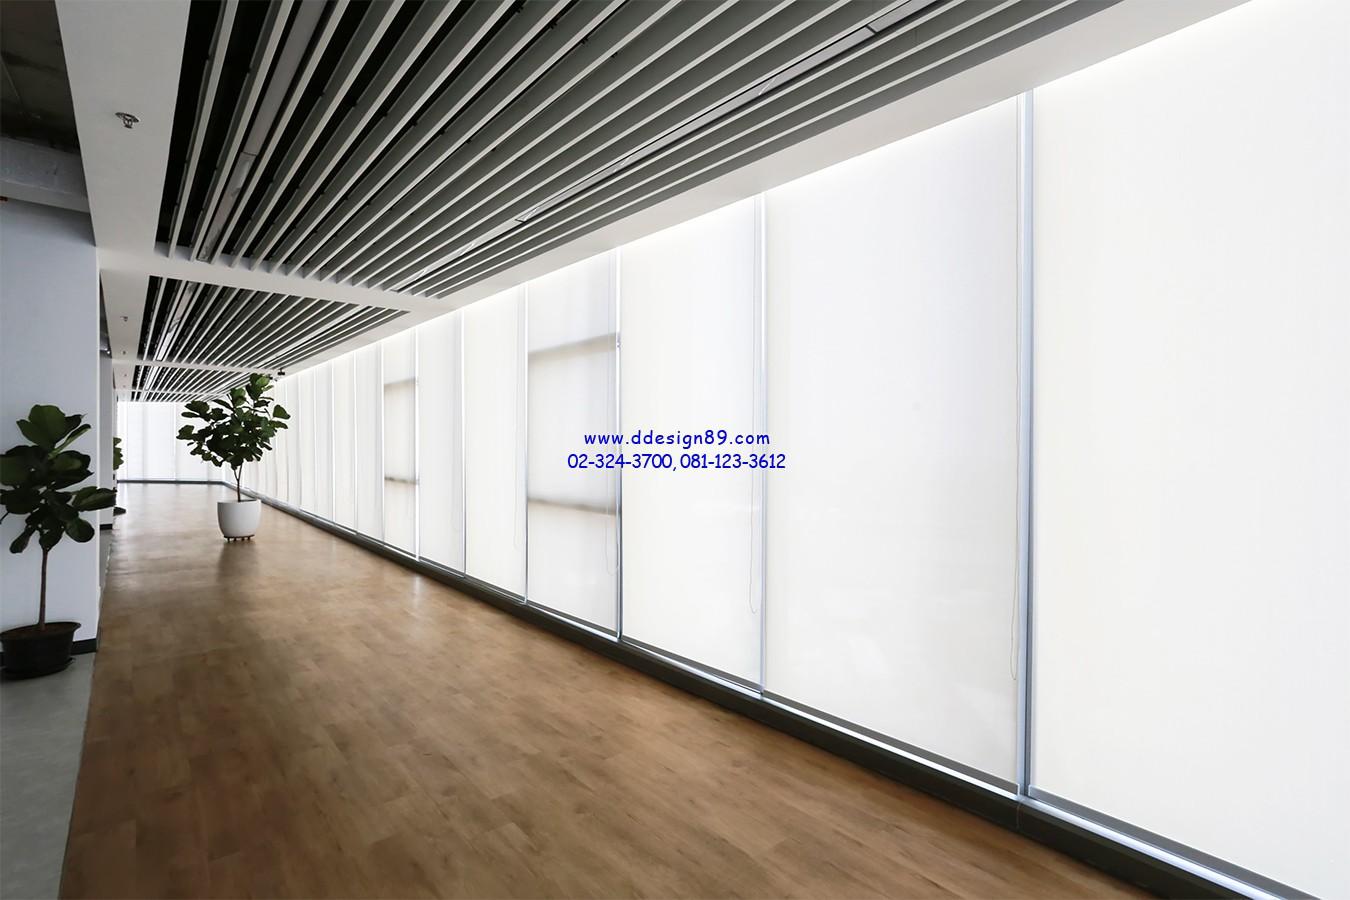 มองเห็นวิวทิวทัศน์ภายนอกอาคารได้ในขณะที่ปิดม่านอยู่